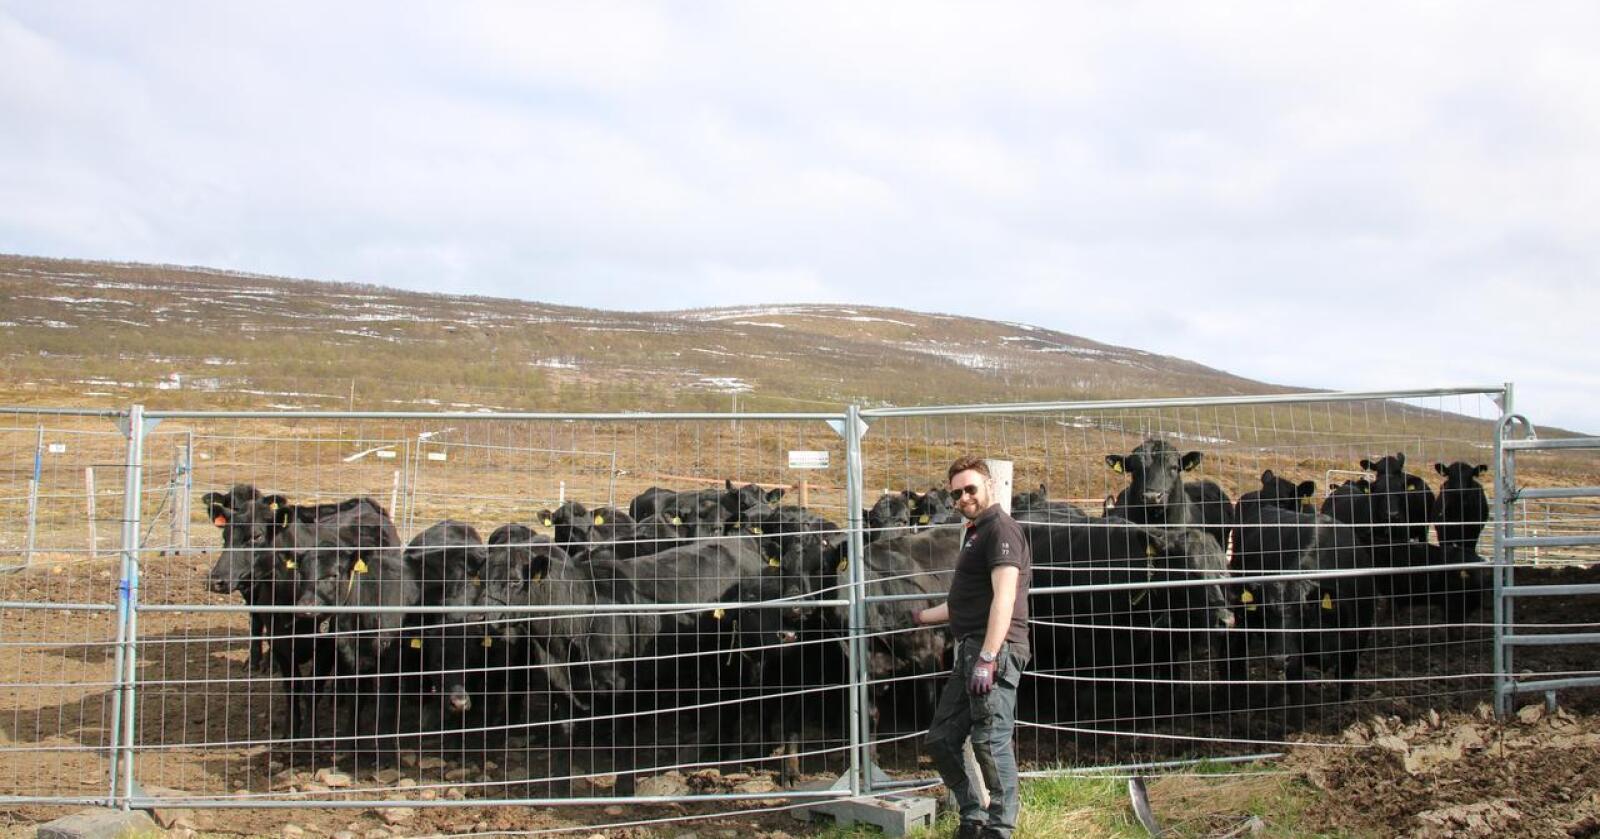 Kritisk: Her er det ingen melkebruk å være tilleggsnæring for. Ammeku er hovednæringen, skriver innsenderen. Foto: Privat